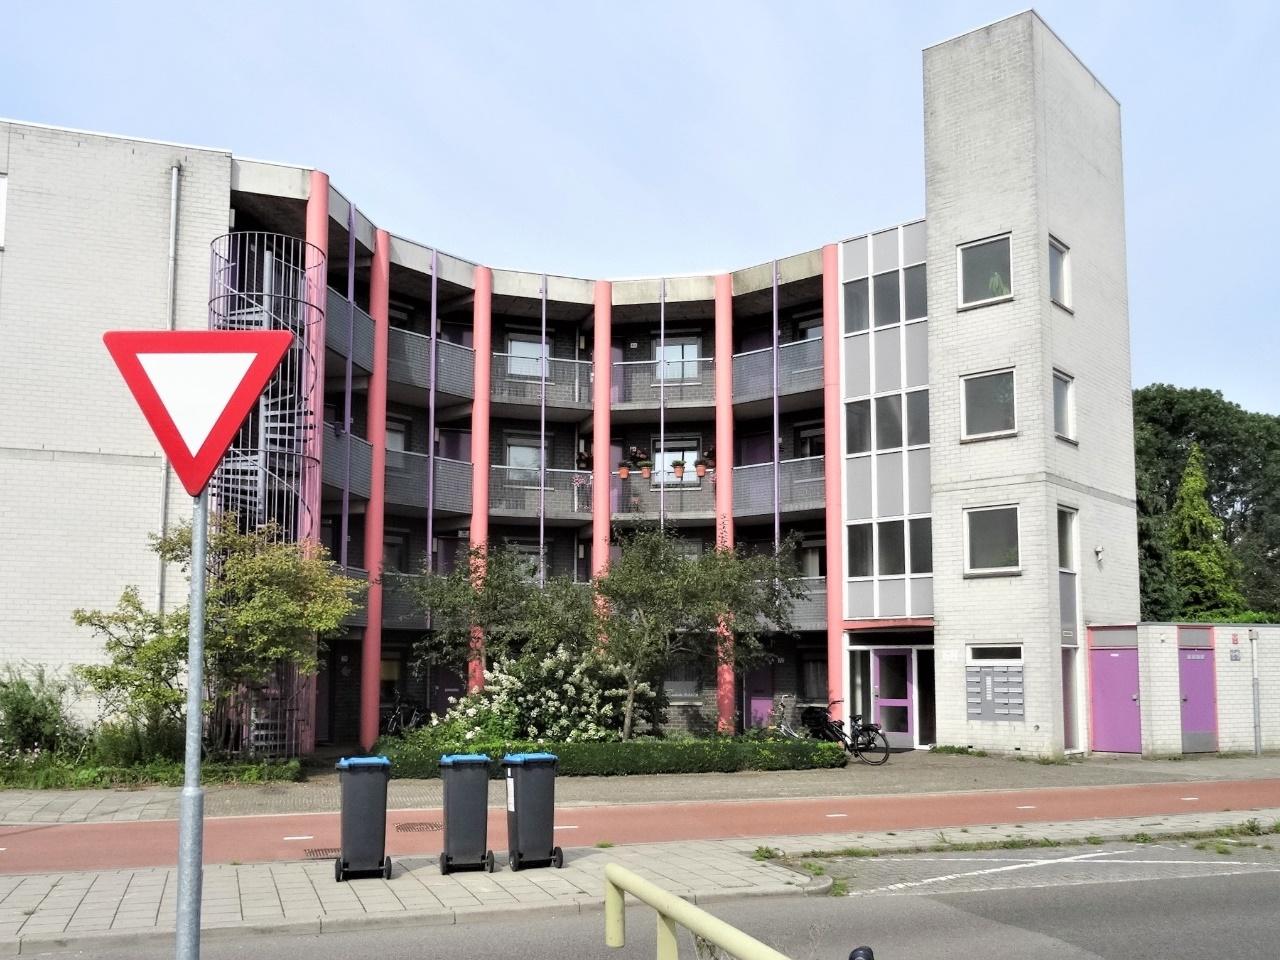 Sartreweg, Utrecht